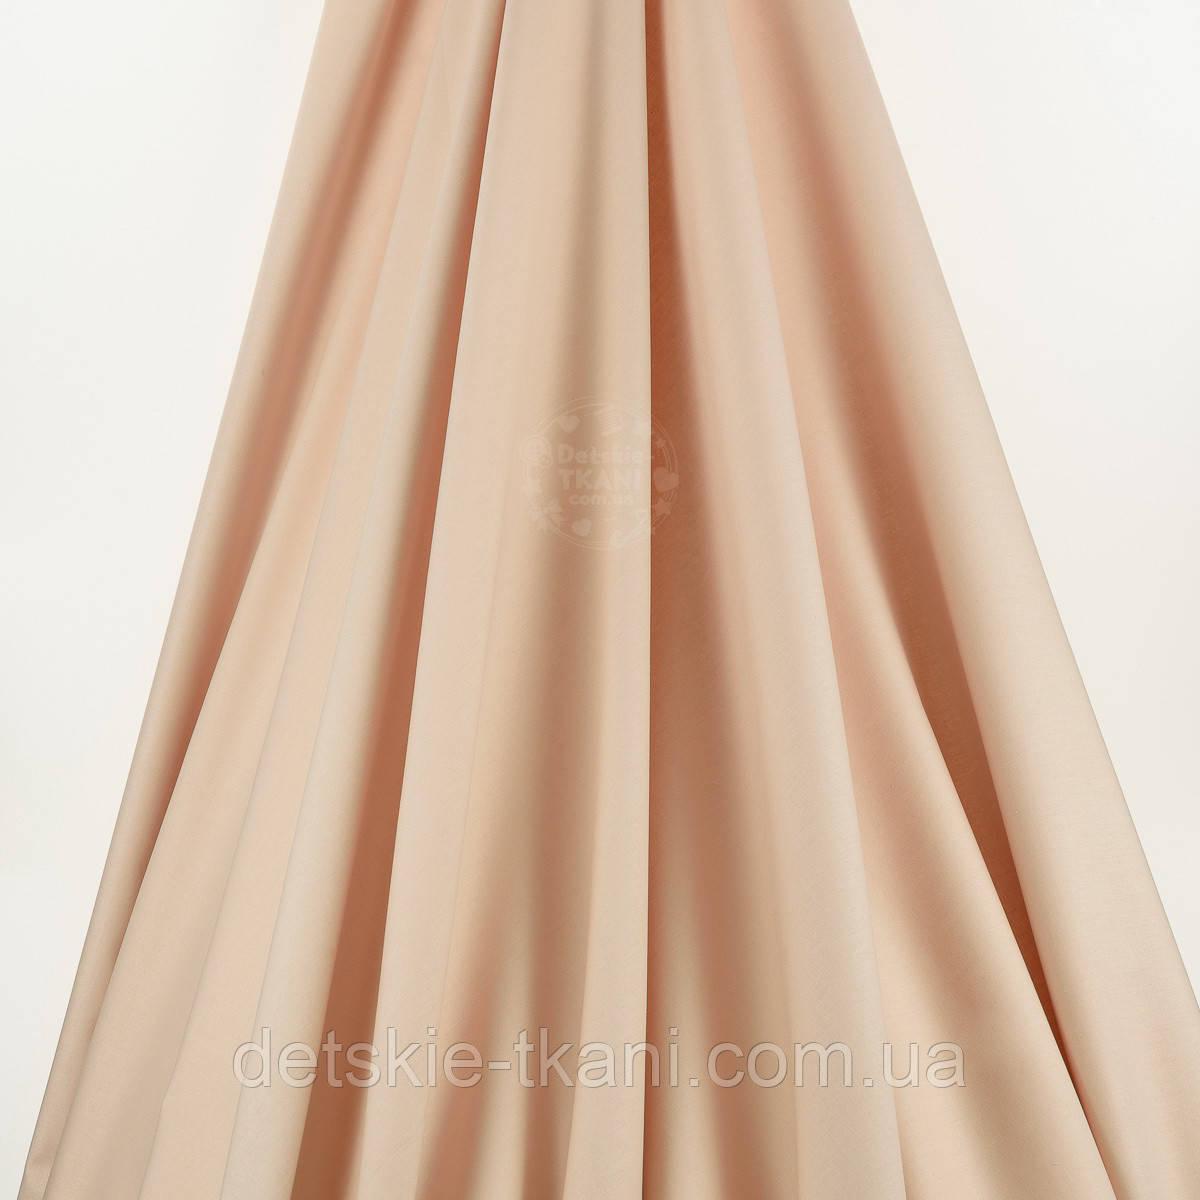 Клапоть попліну , колір пісочно-бежевий № 1381, розмір 44*120 см